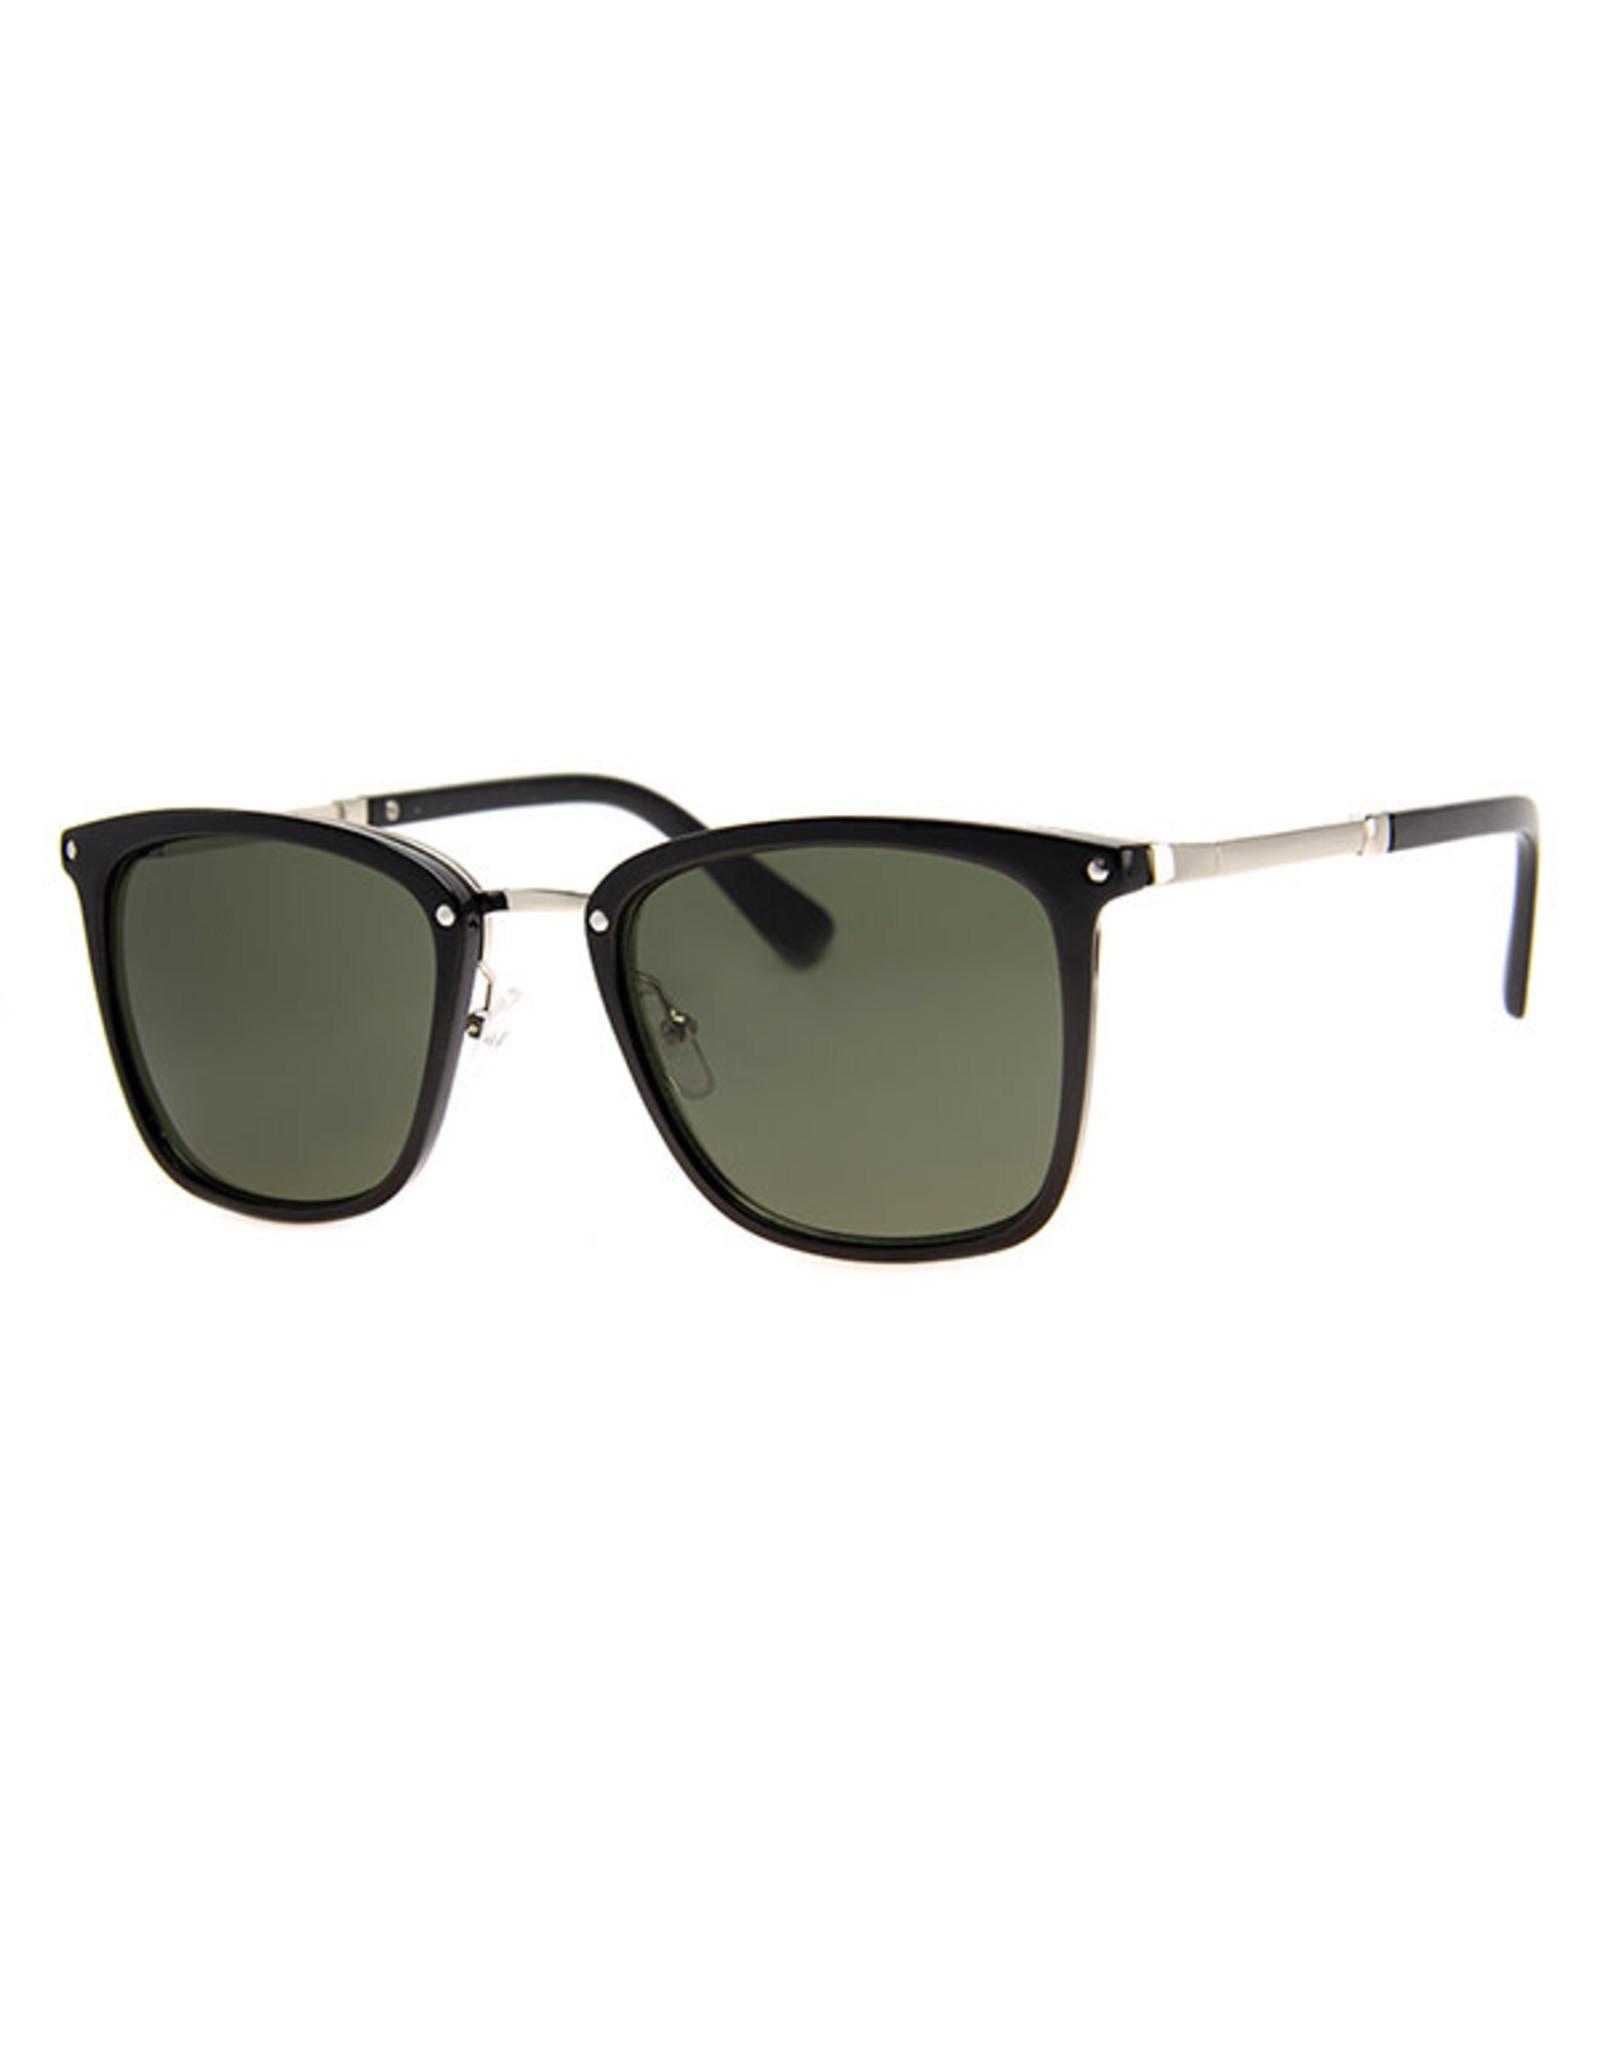 AJM - Rectangle Frame Sunglasses